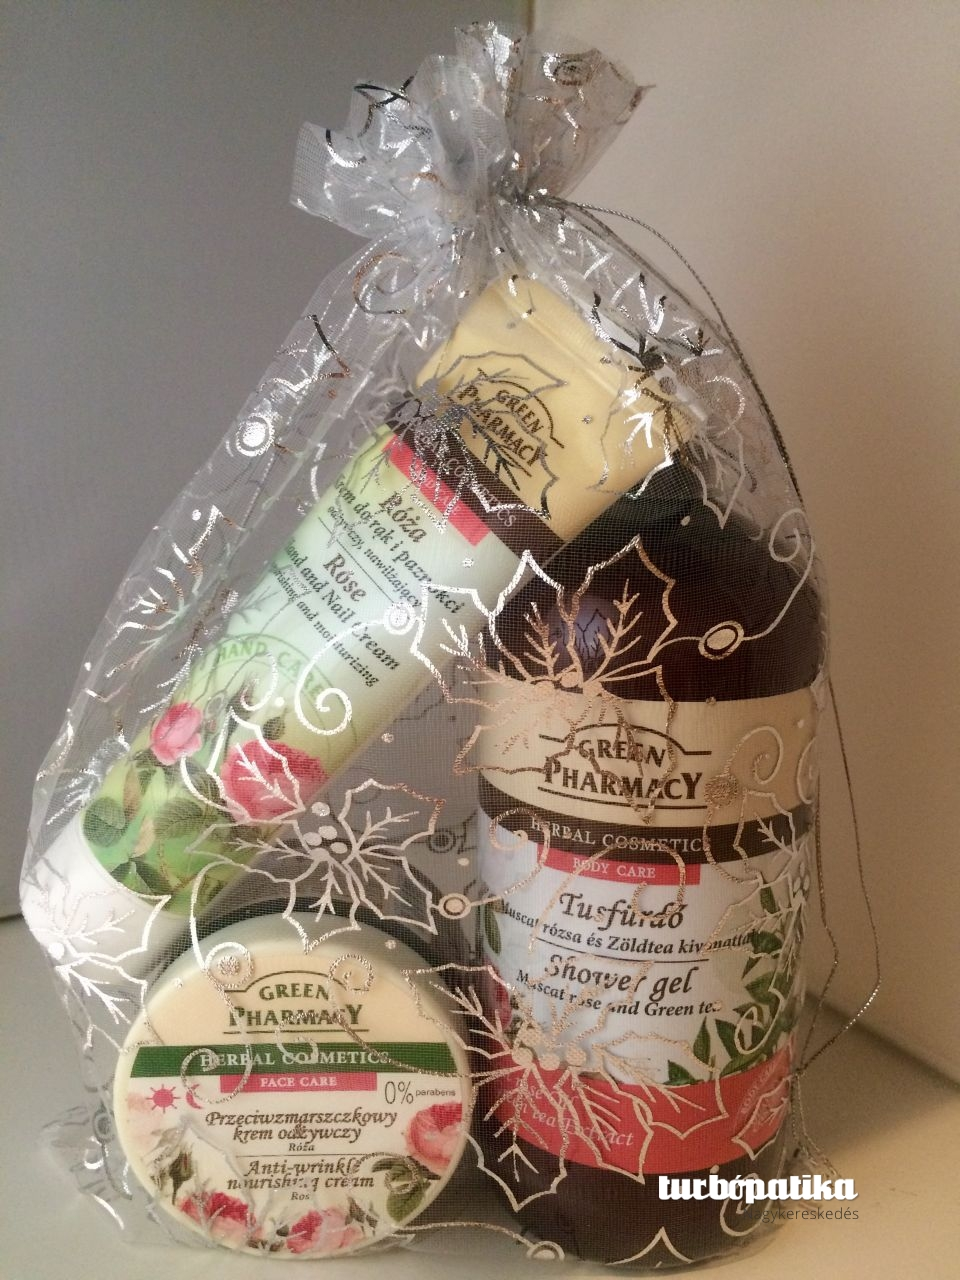 Green Pharmacy gyógynövényes tusfürdő muscat rózsa és zöld tea 500 ml + Green Pharmacy ránctalanító félzsíros nappali-éjszakai arckrém rózsaolaj kivonattal 150 ml+ Green Pharmacy kéz-és körömápoló damaszkusi rózsa és shea vaj 100 ml